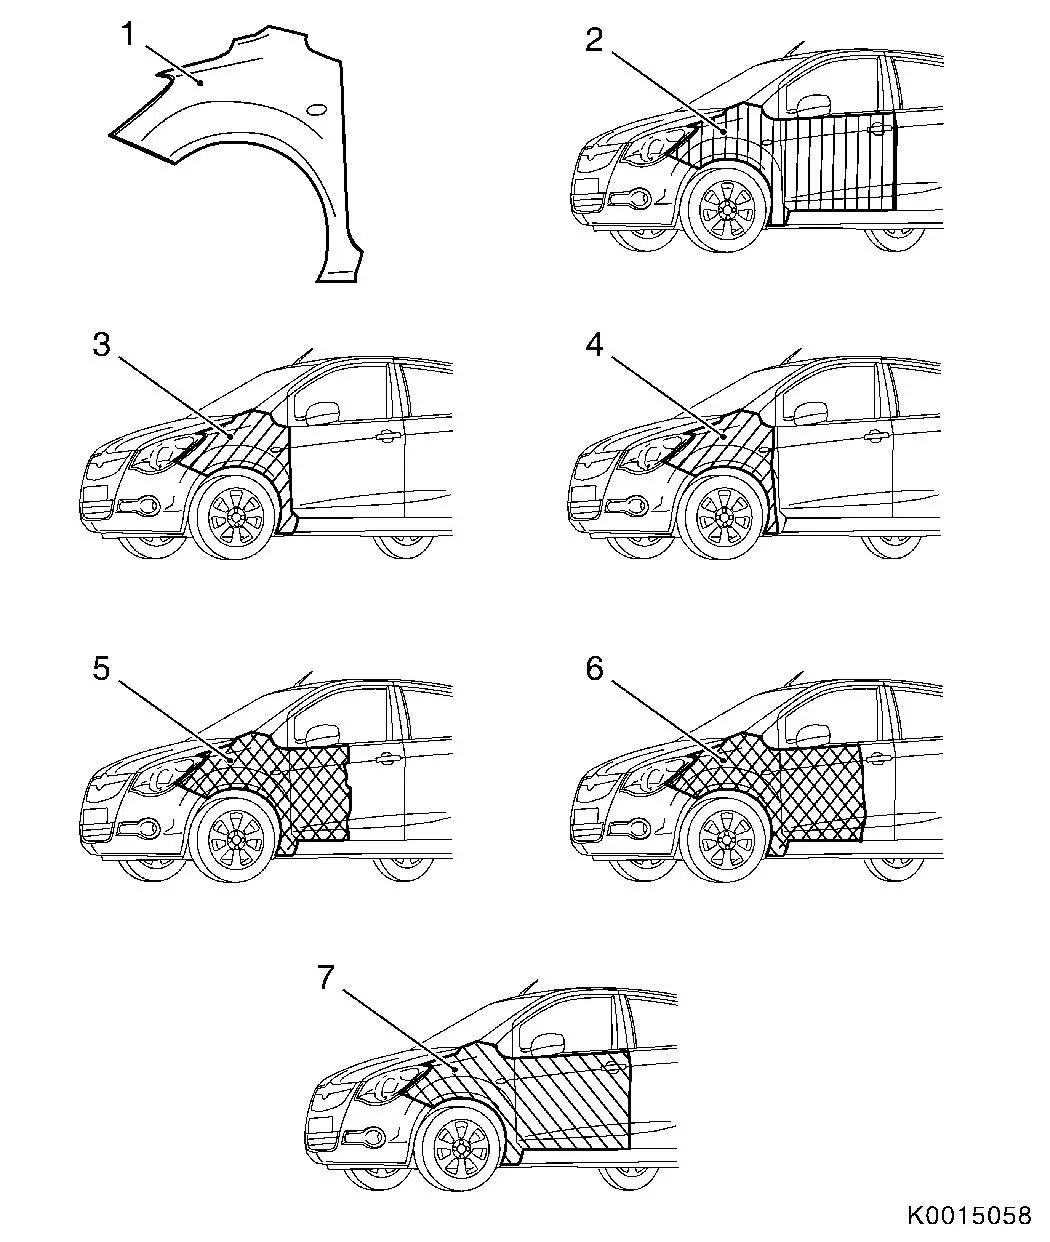 Vauxhall Workshop Manuals > Corsa C > B Paint > Painting